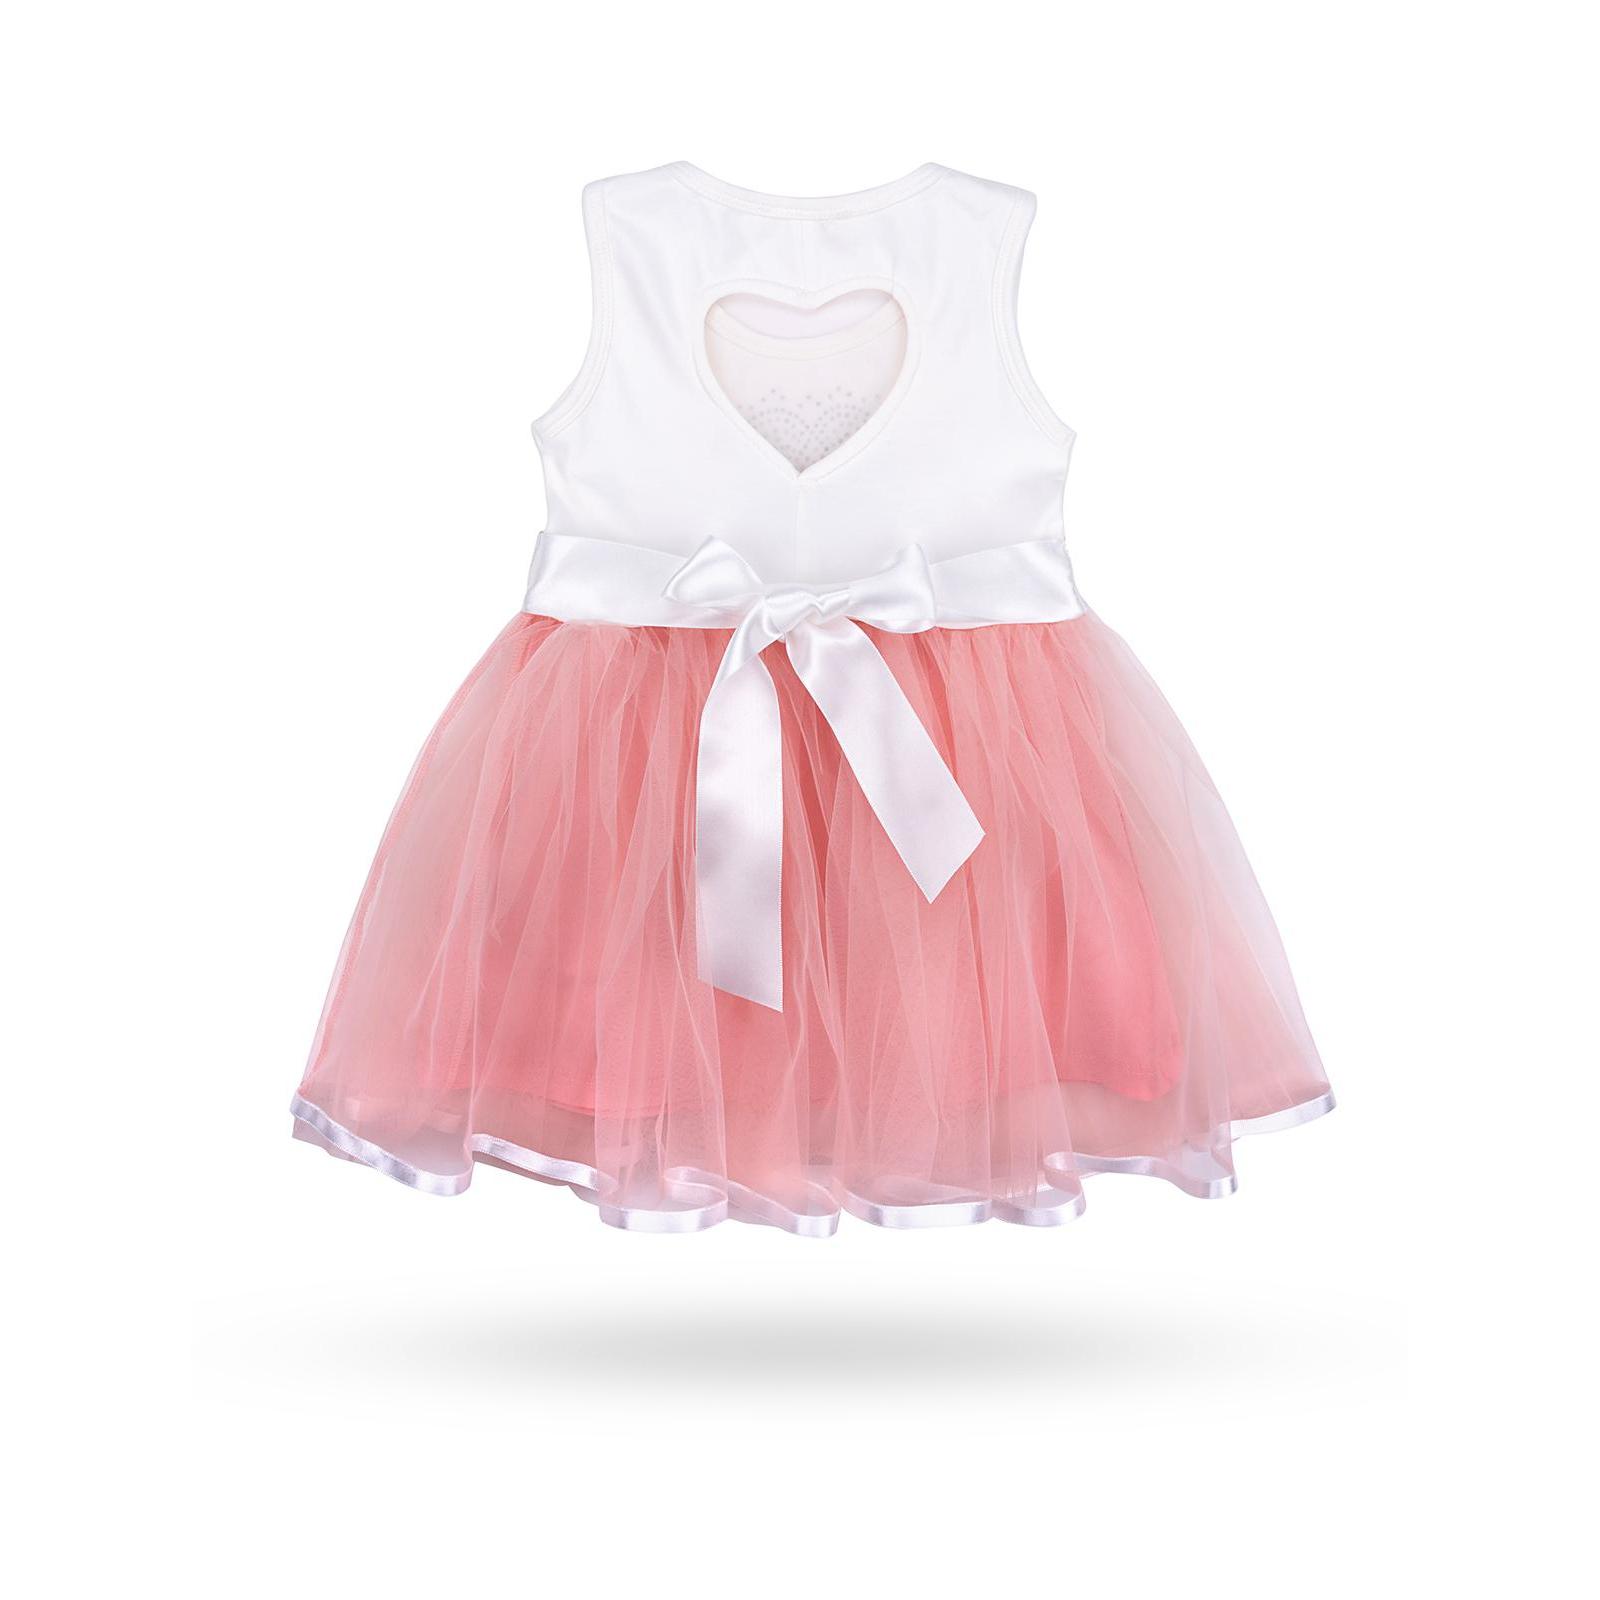 Платье Breeze сарафан с фатиновой юбкой и сердцем (10862-128G-peach) изображение 2